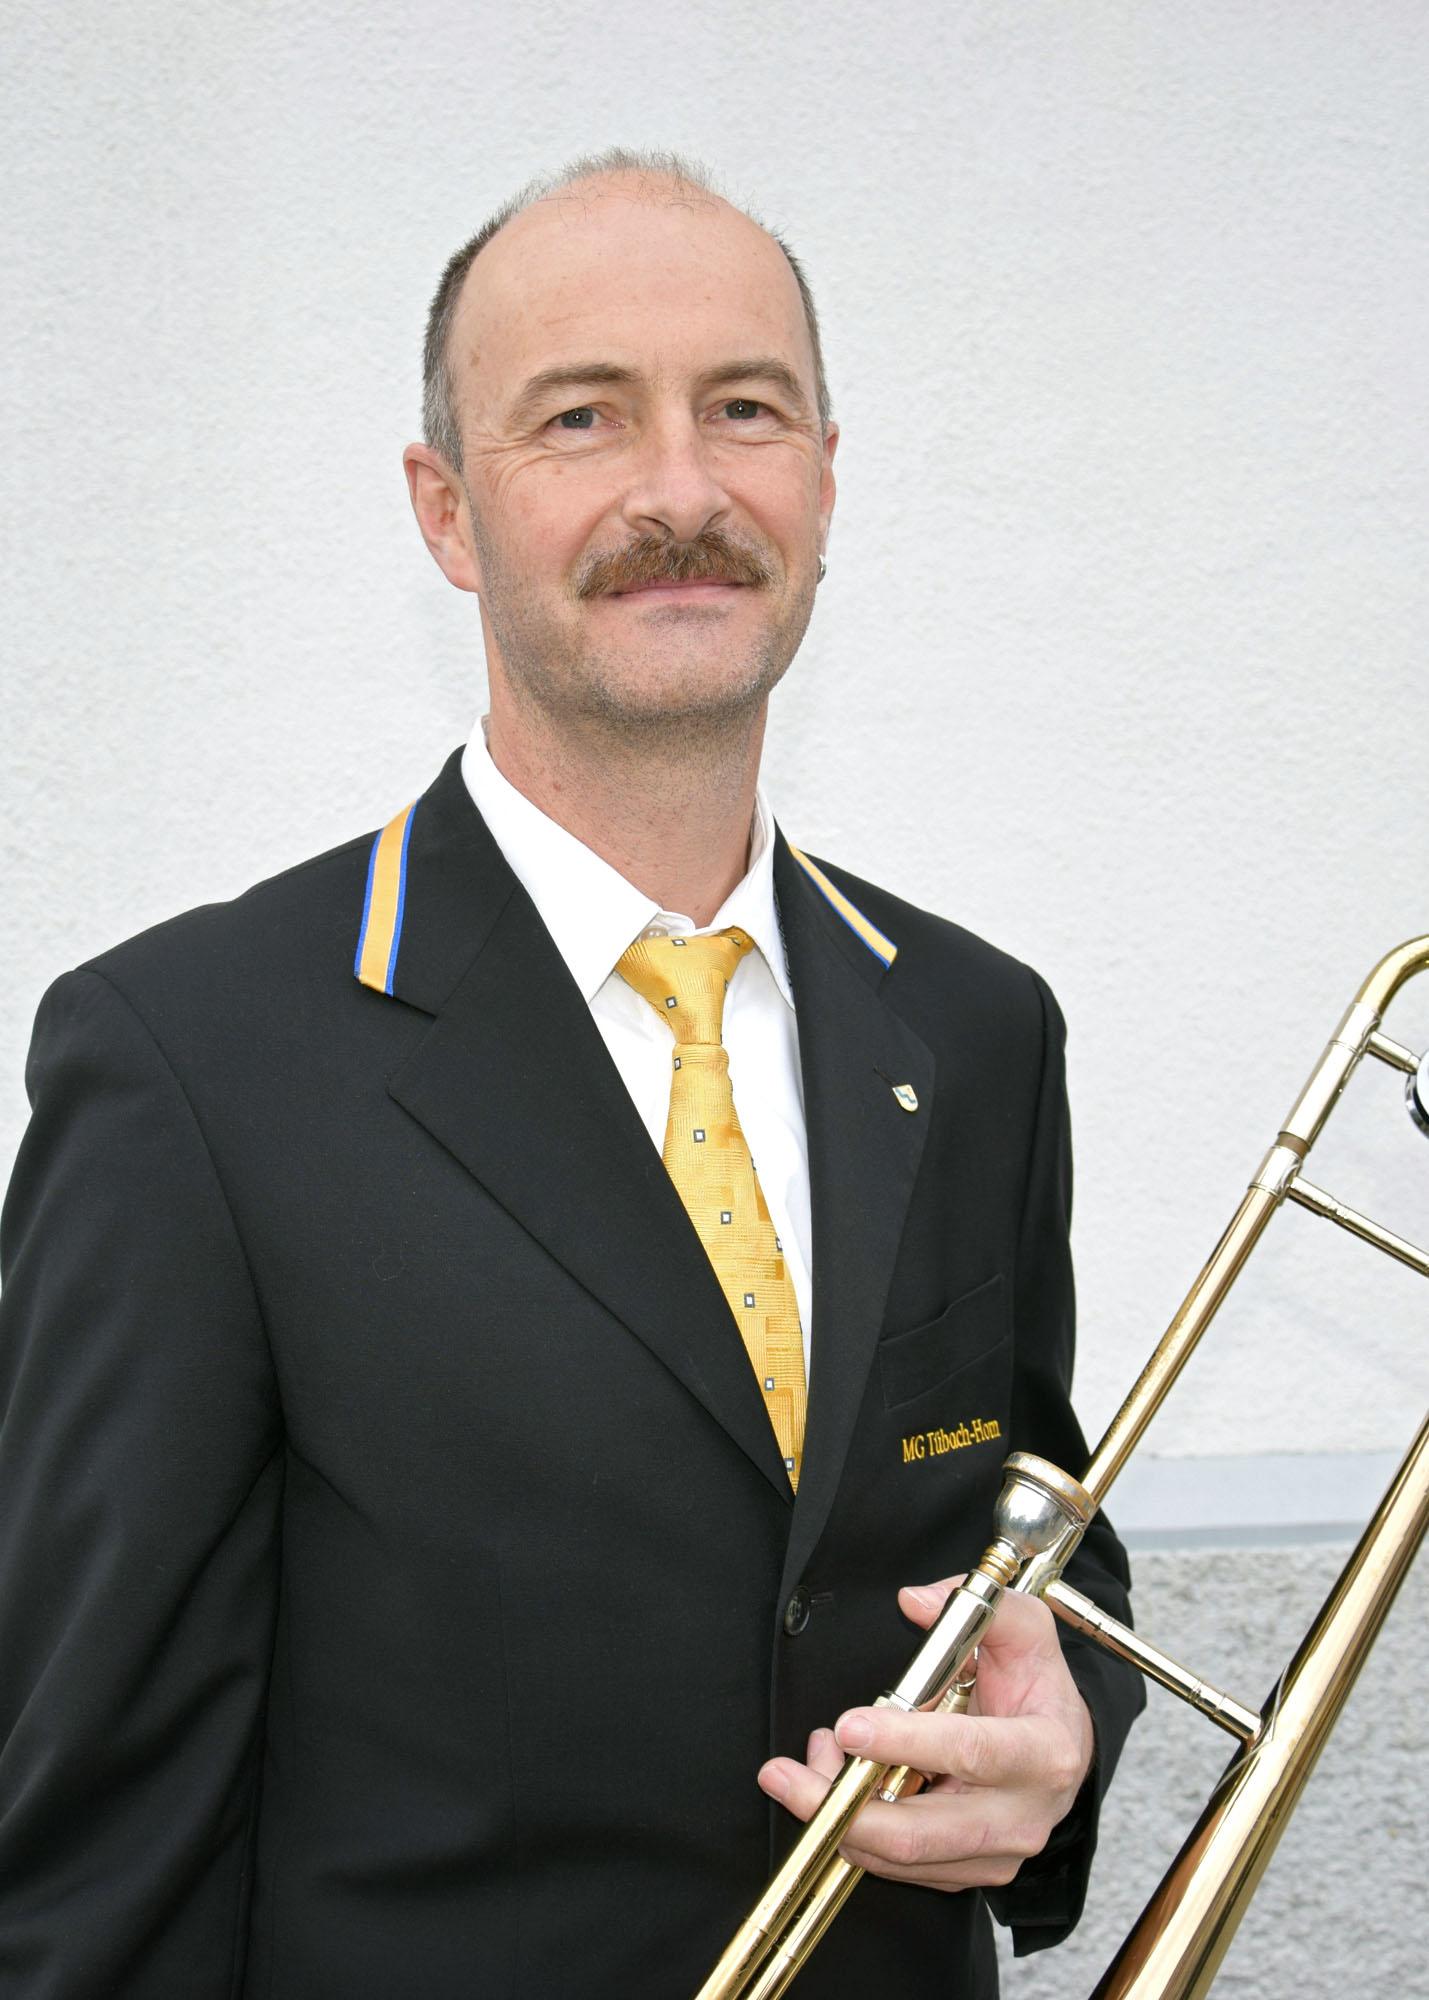 Patrick Bischoff